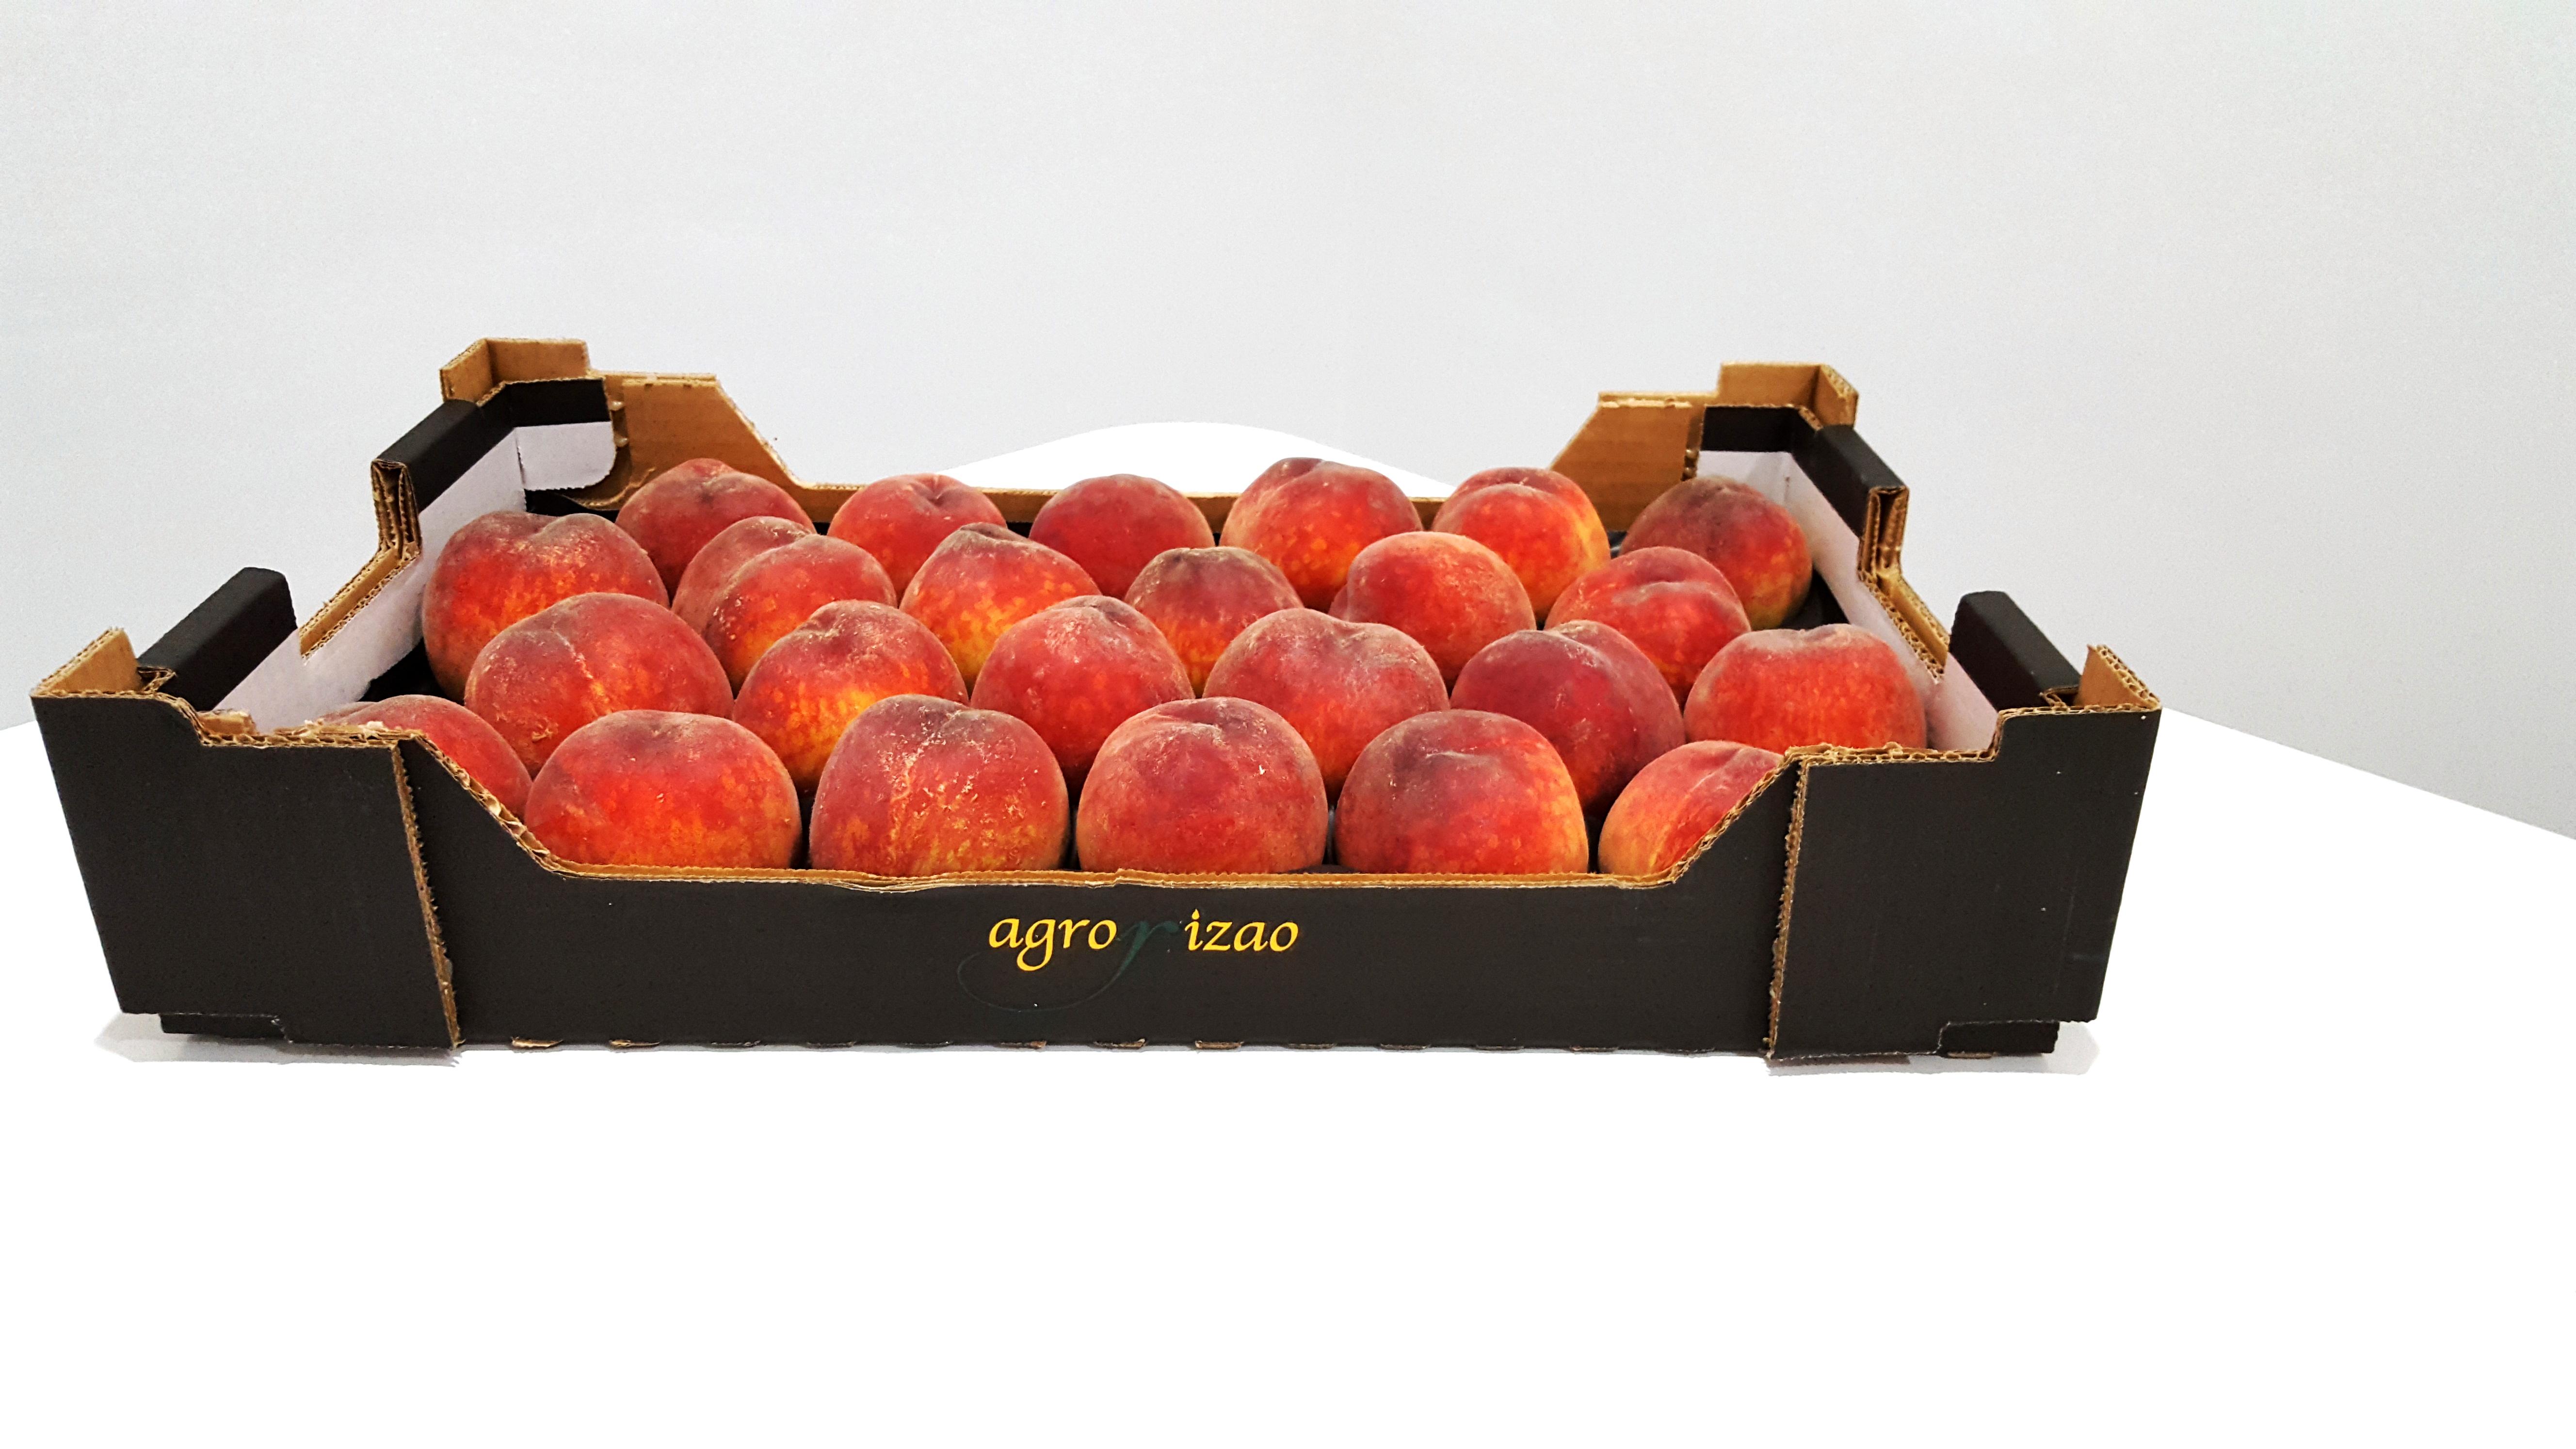 Melocotón! Empezamos campaña Fruta de Hueso